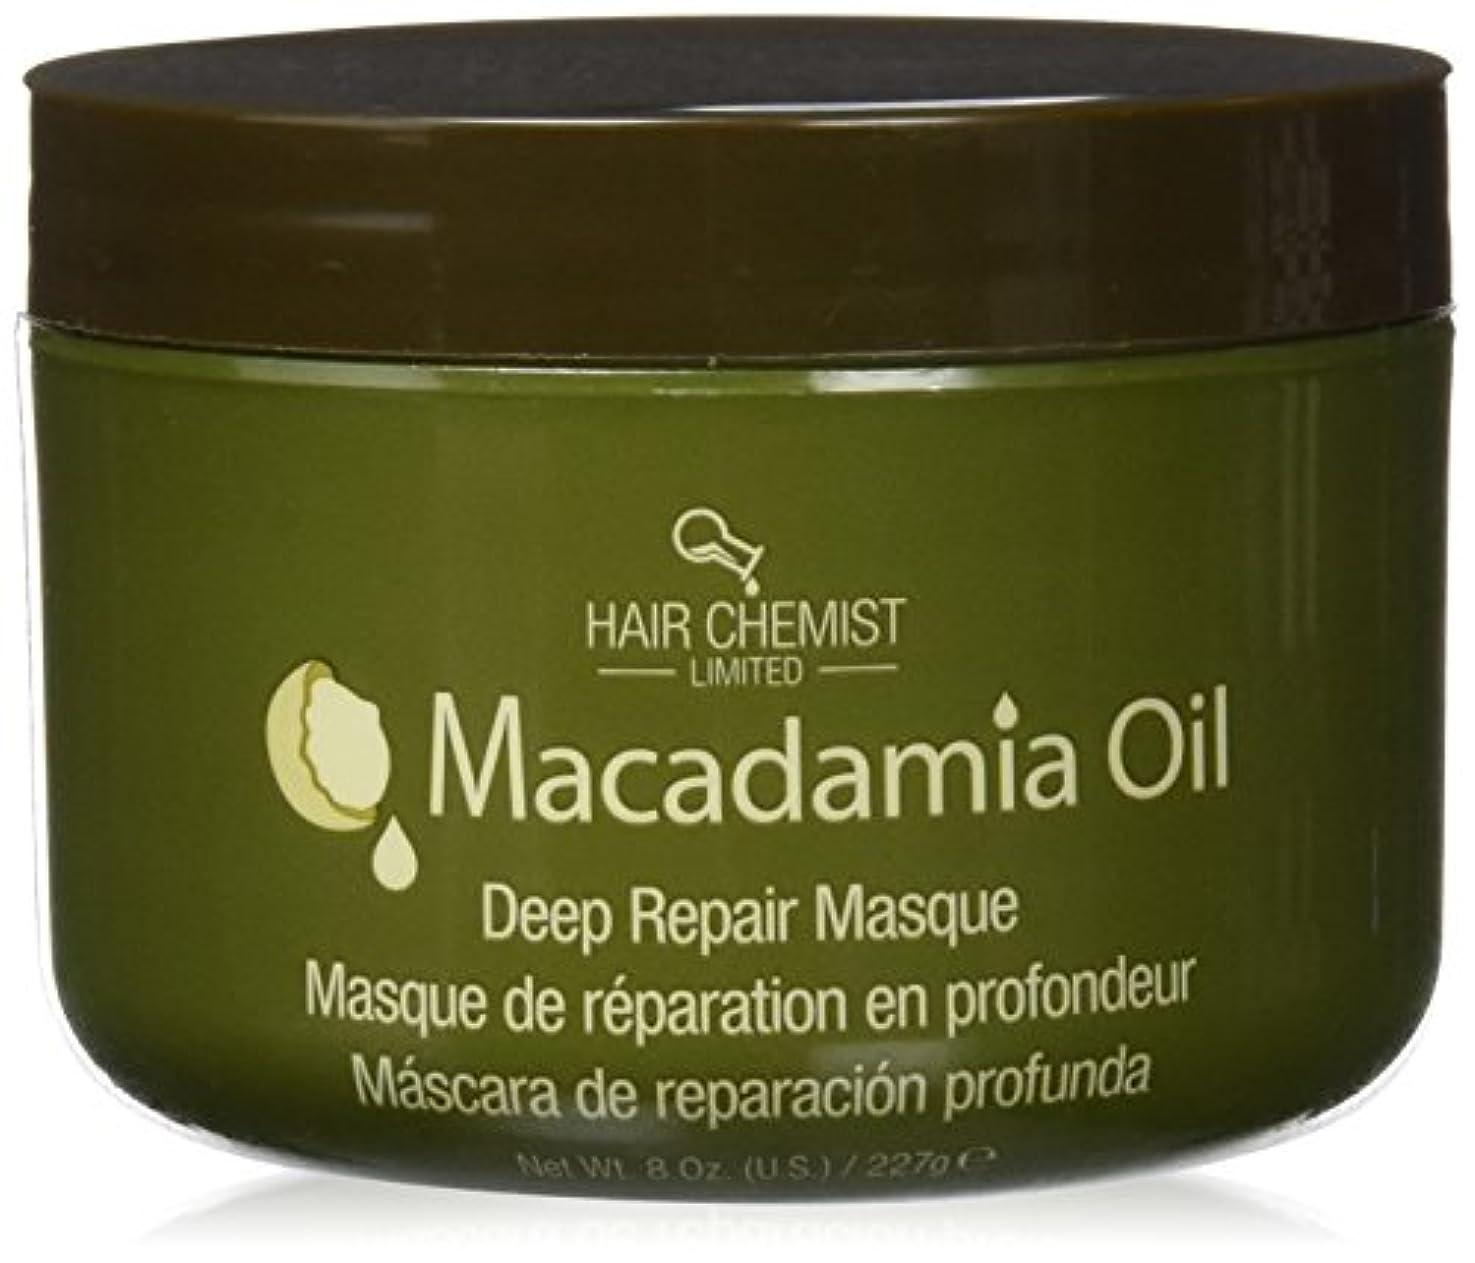 ラベ華氏ナットHair Chemist ヘアマスク マカダミア オイル ディープリペアマスク 227g Macadamia Oil Deep Repair Mask 1434 New York